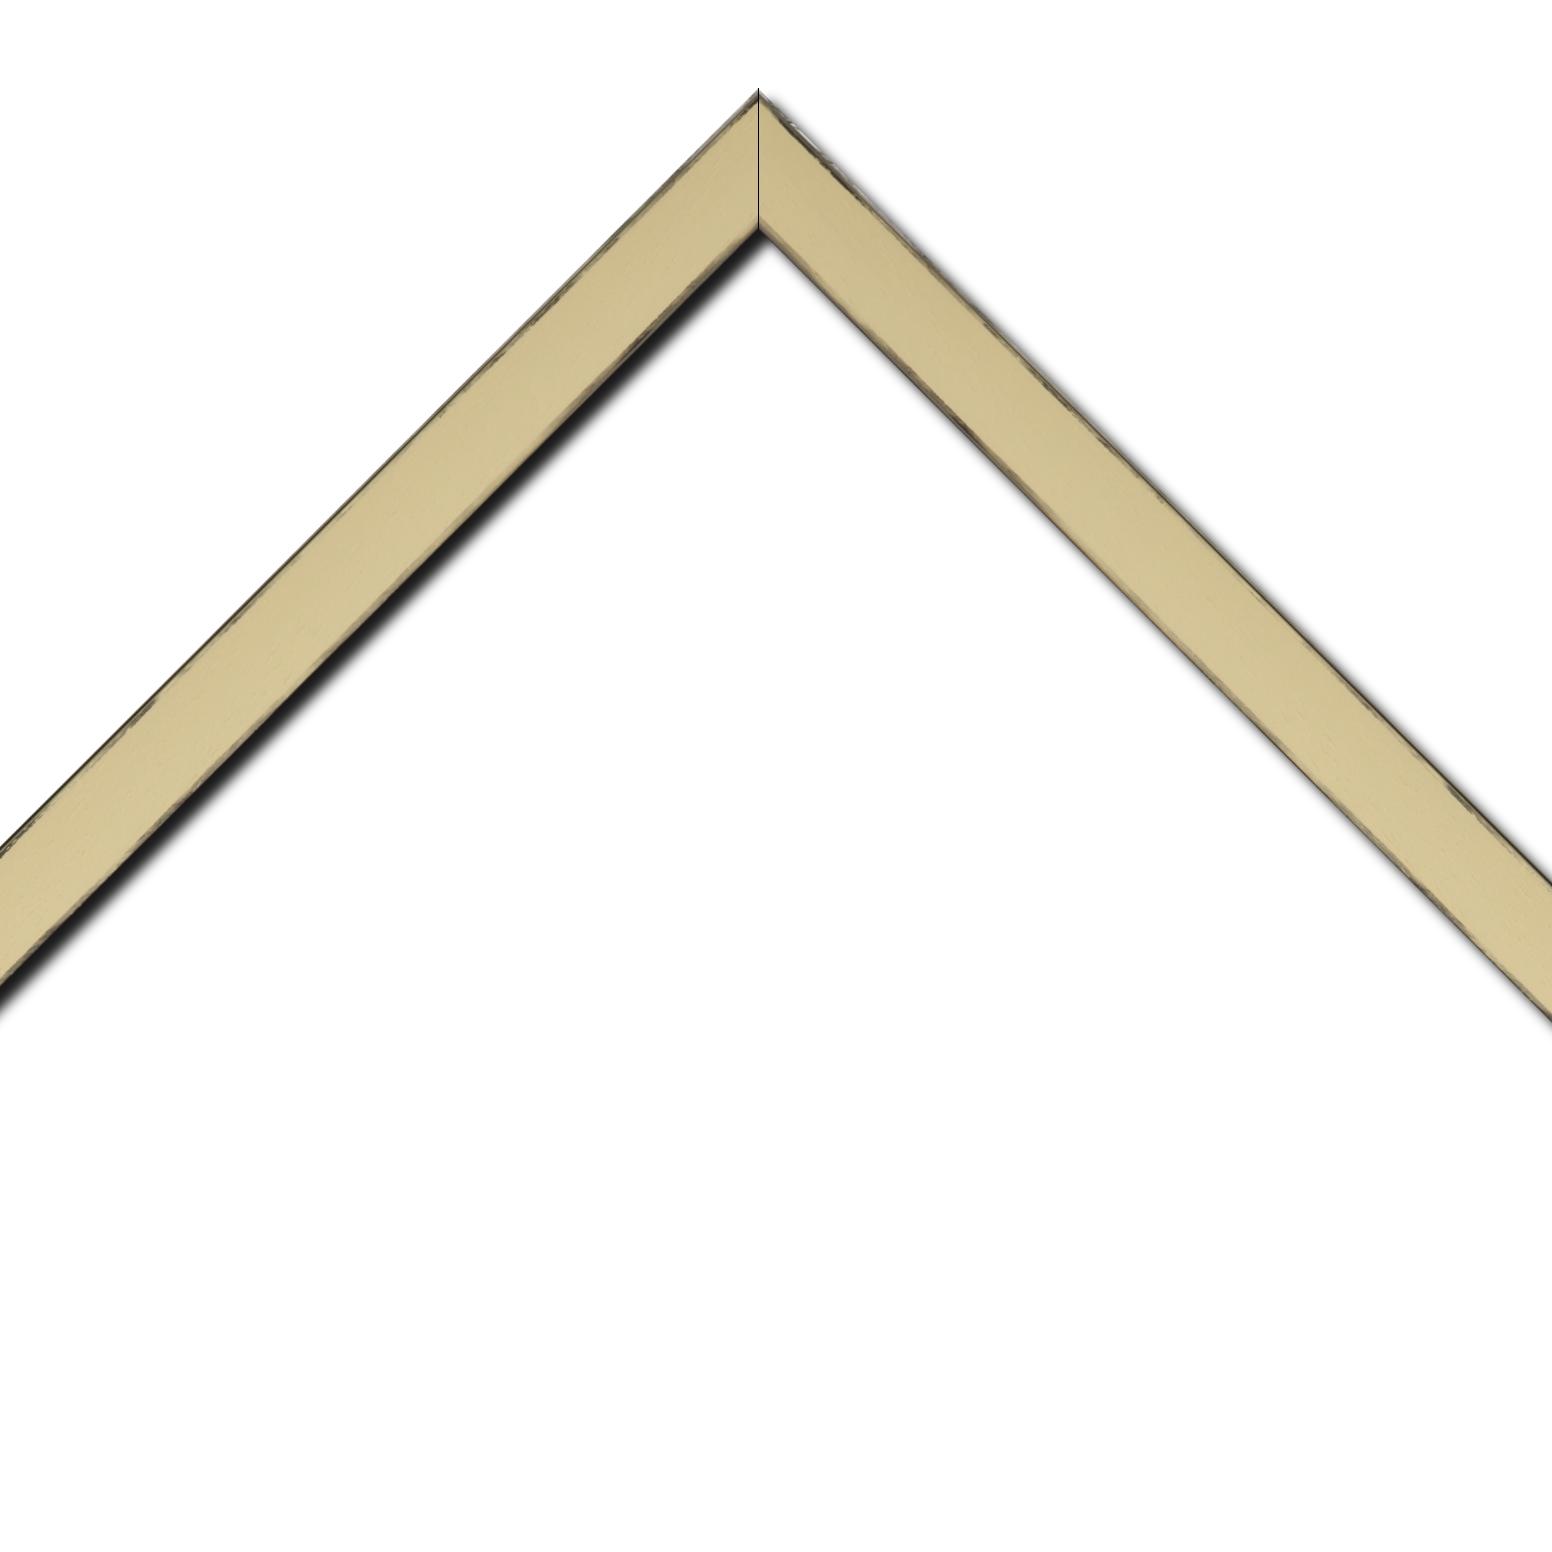 Baguette bois profil concave largeur 2.4cm couleur ivoire  satiné  arêtes essuyés noircies de chaque coté